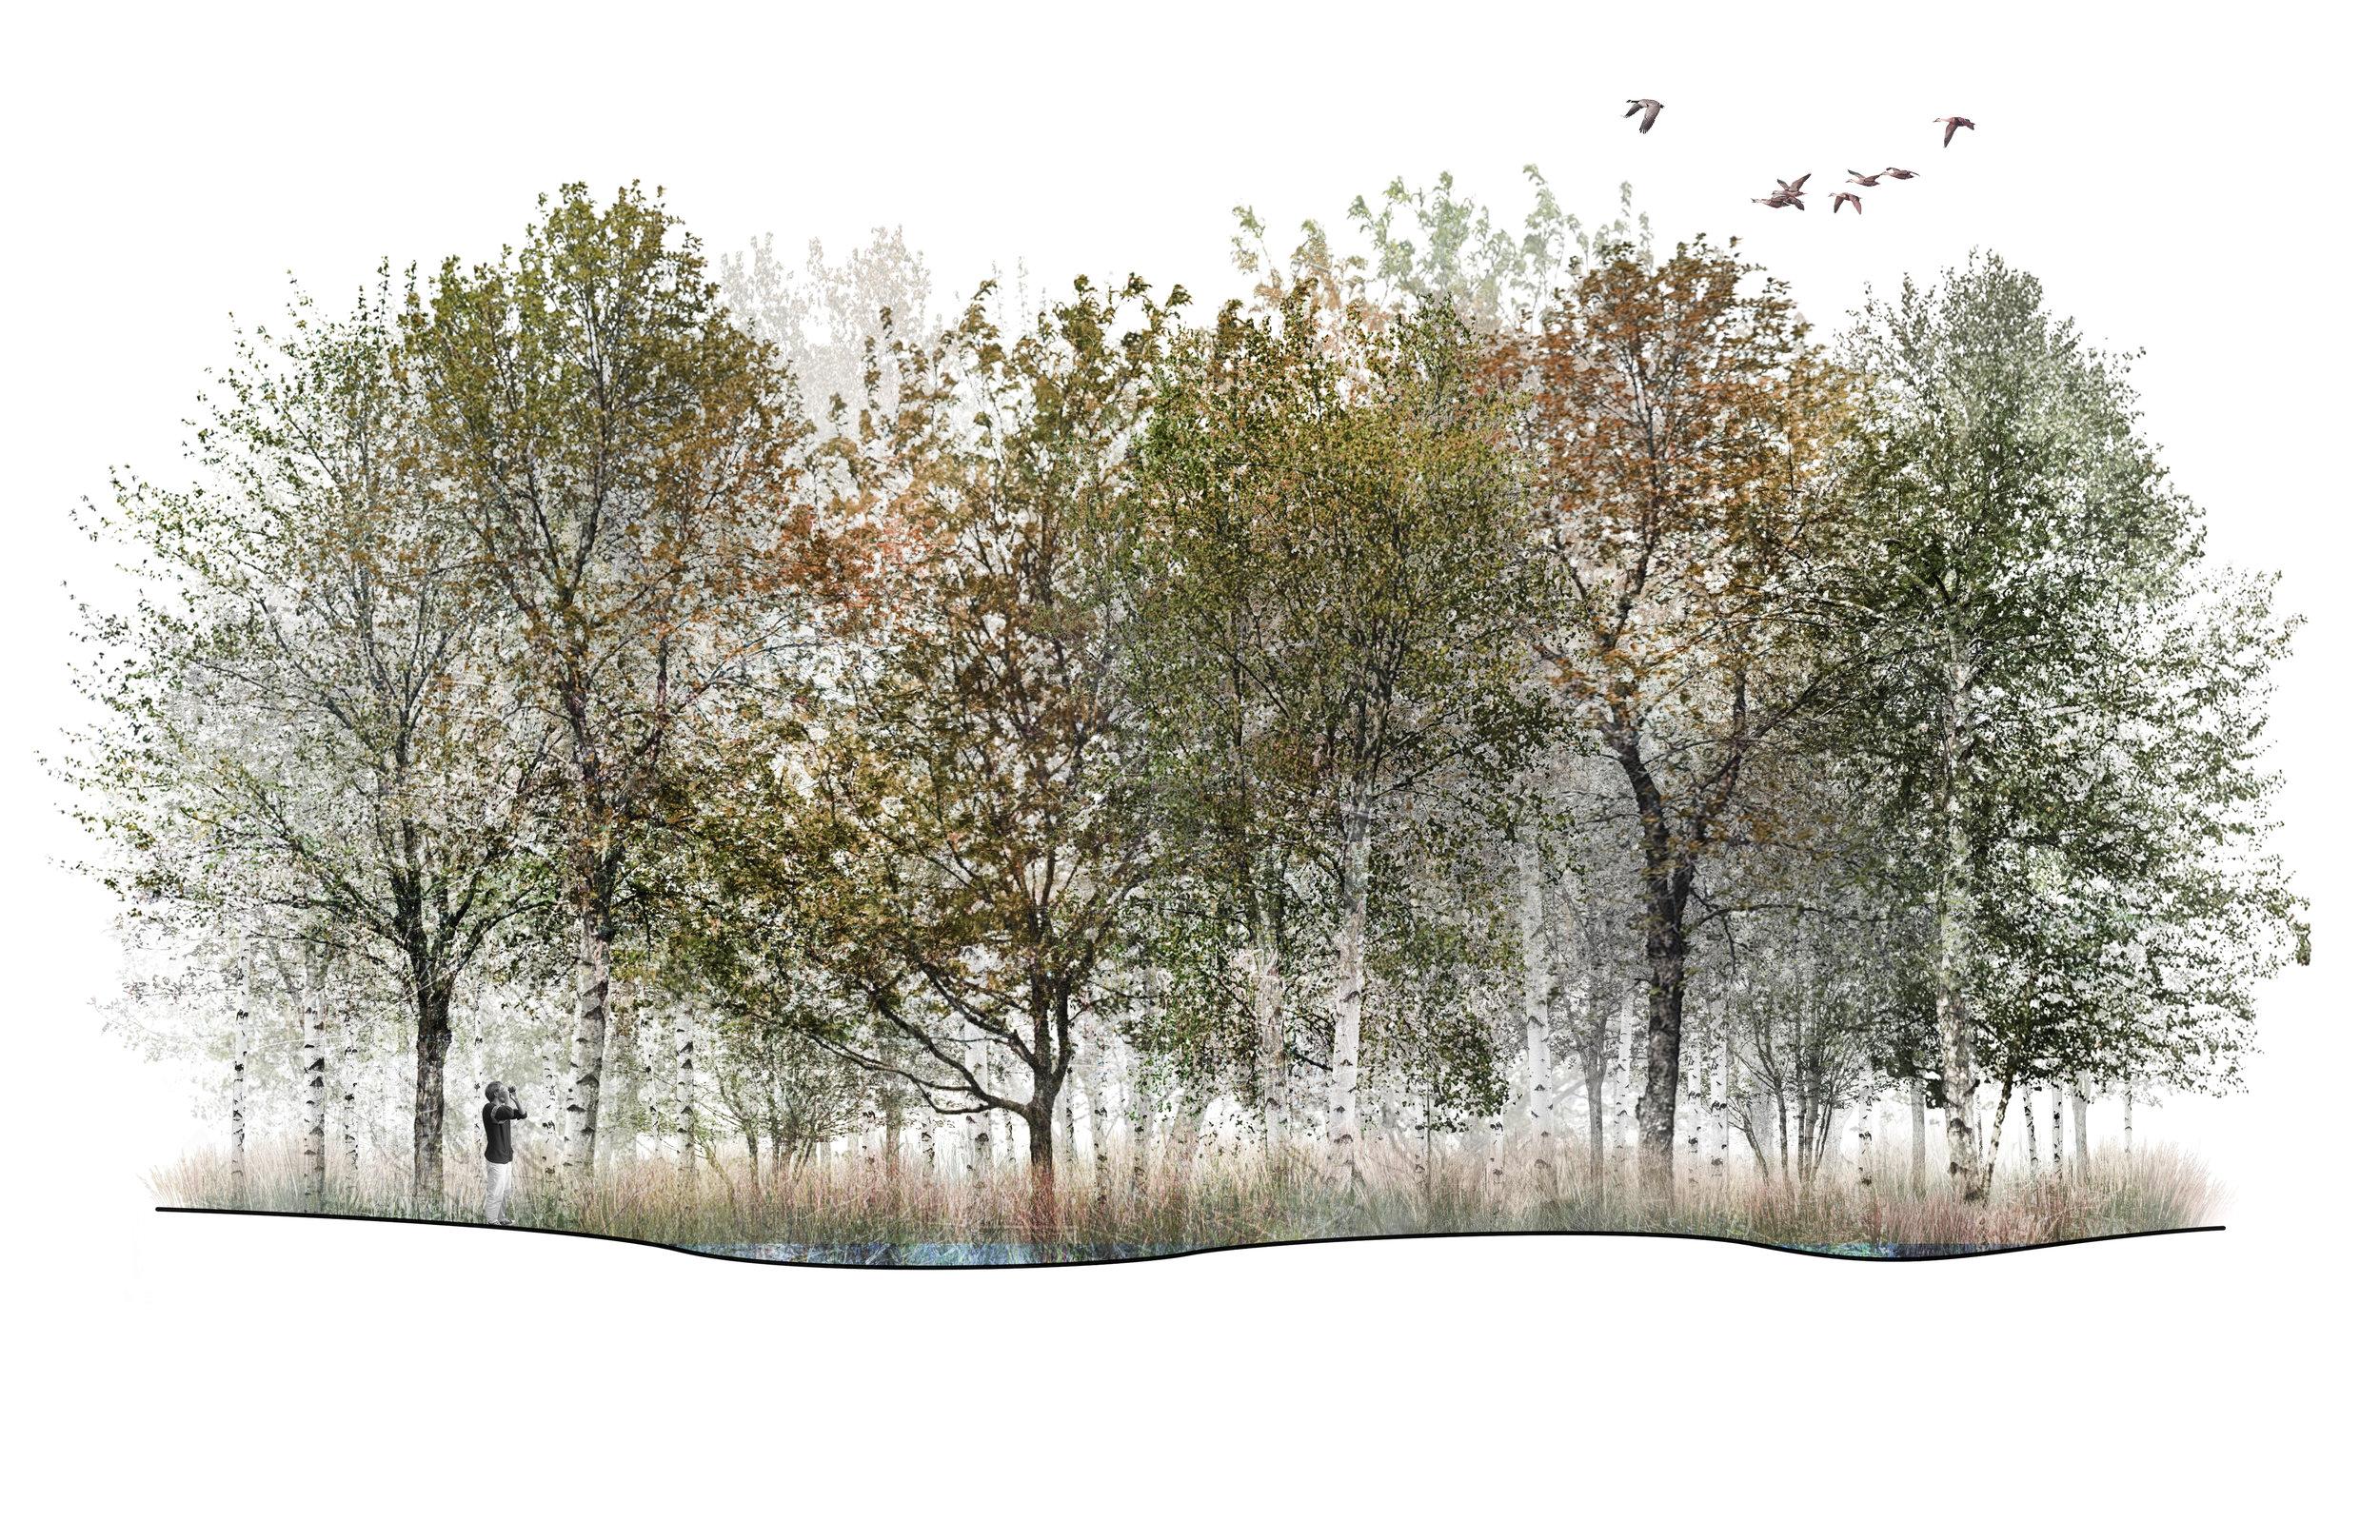 Birch/Maple Swamp